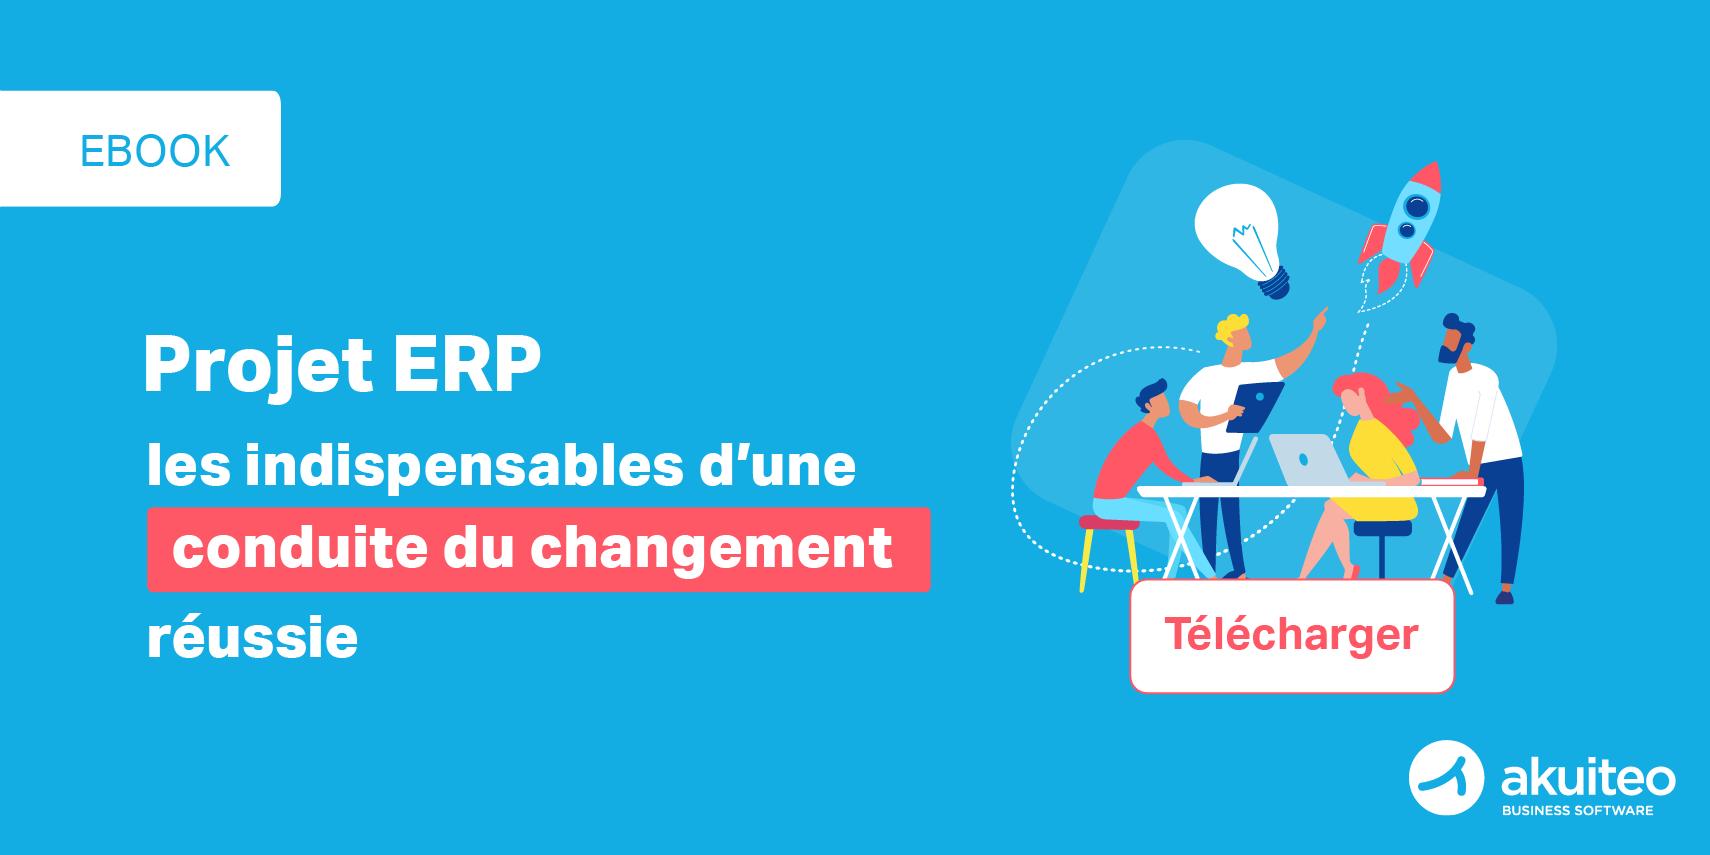 [Ebook] Projet ERP : comment réussir la conduite du changement?